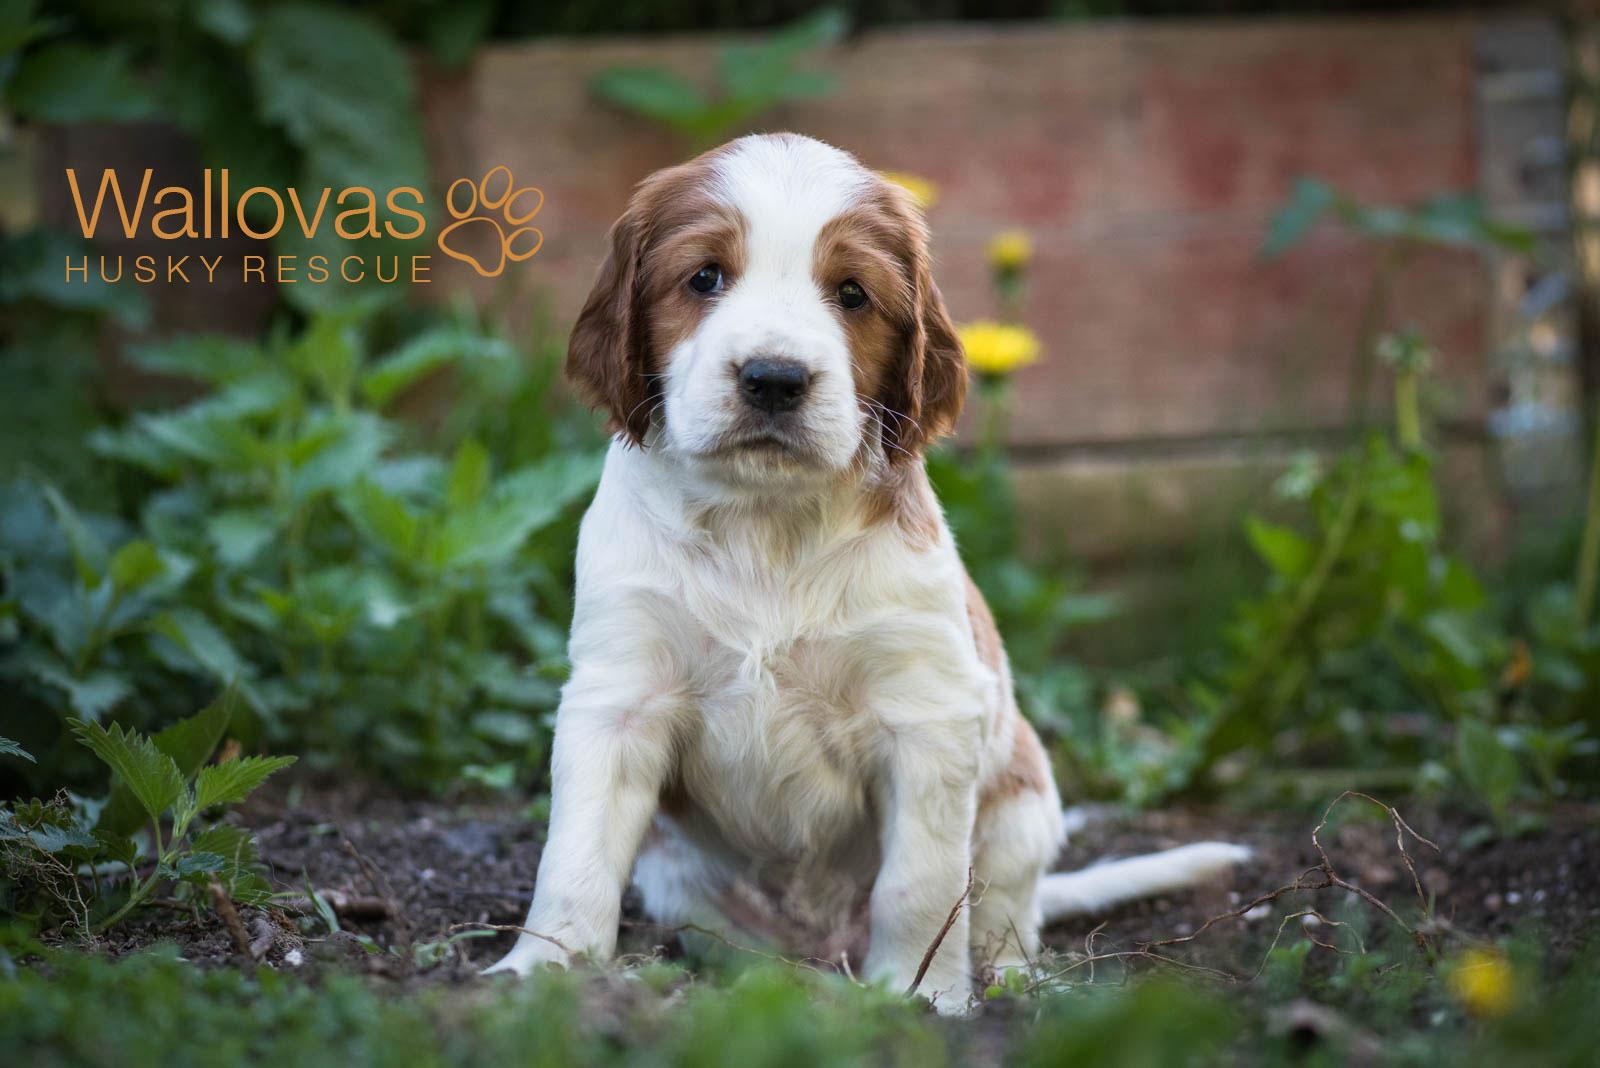 Kennel Wallova - Welsh Springer Spaniel | Wallovas Husky